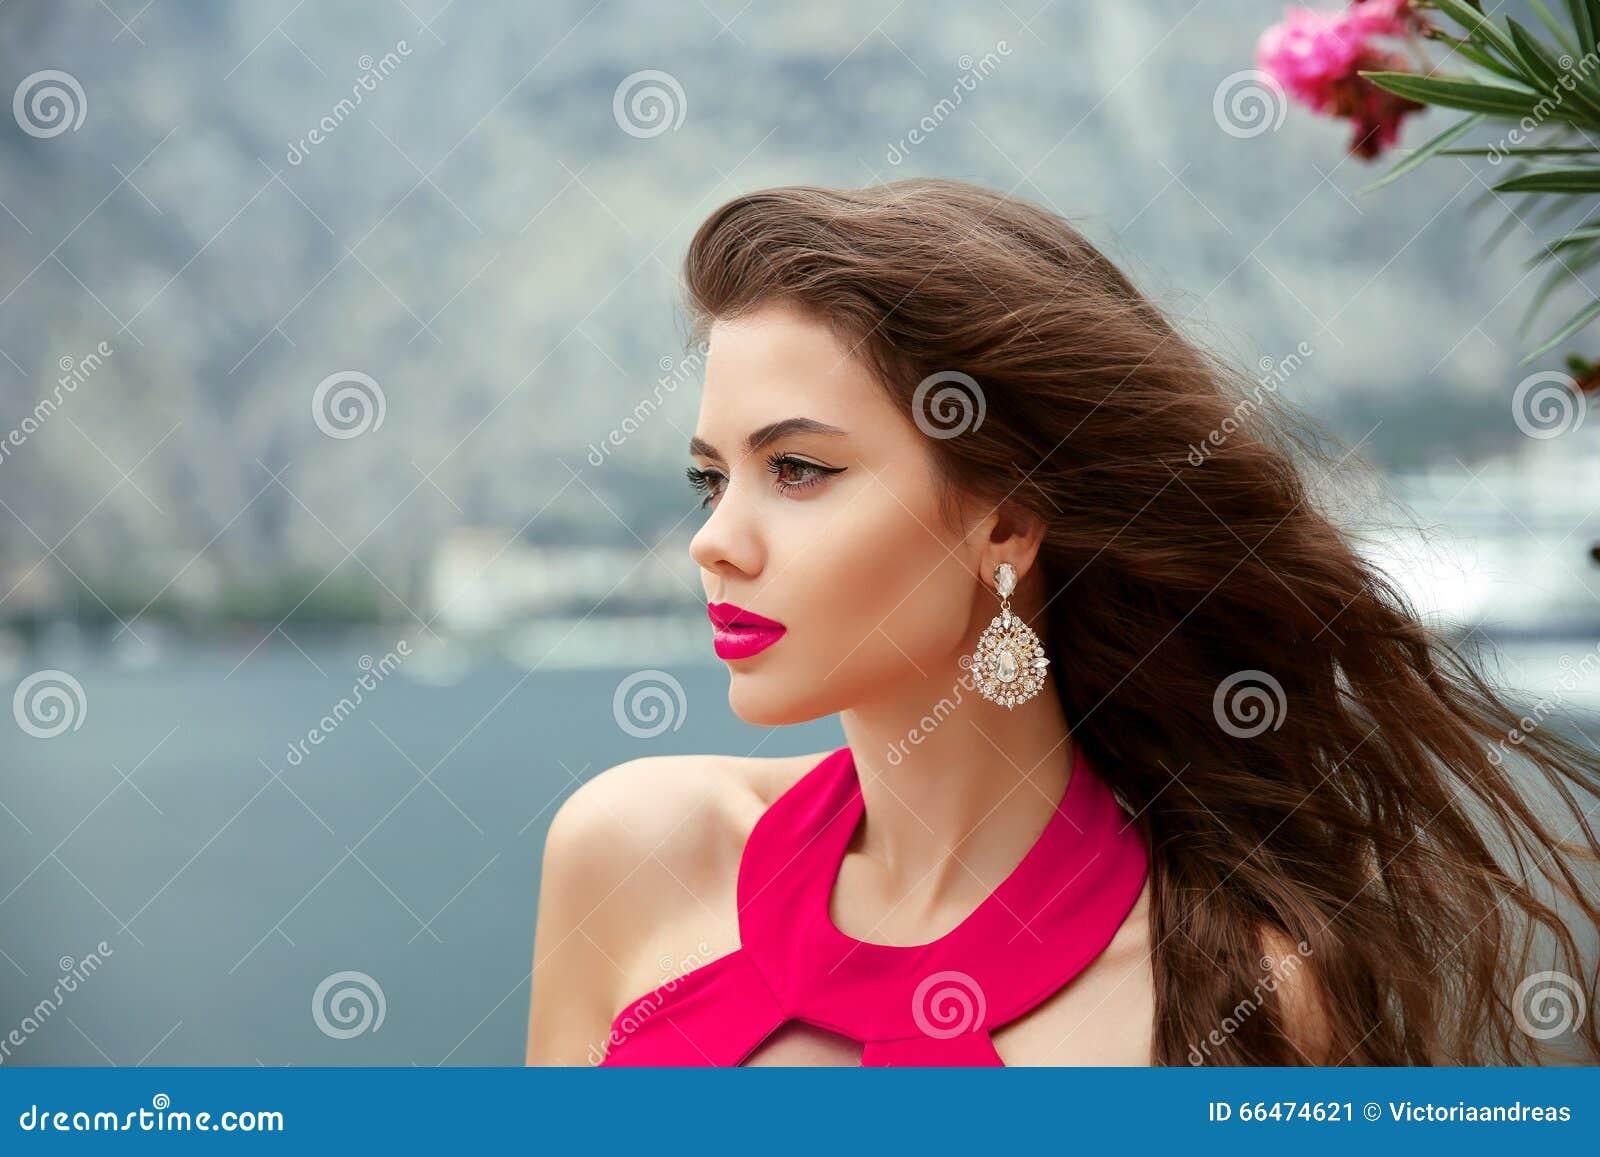 有长的波浪发、红色嘴唇和时尚耳环的美丽的女孩